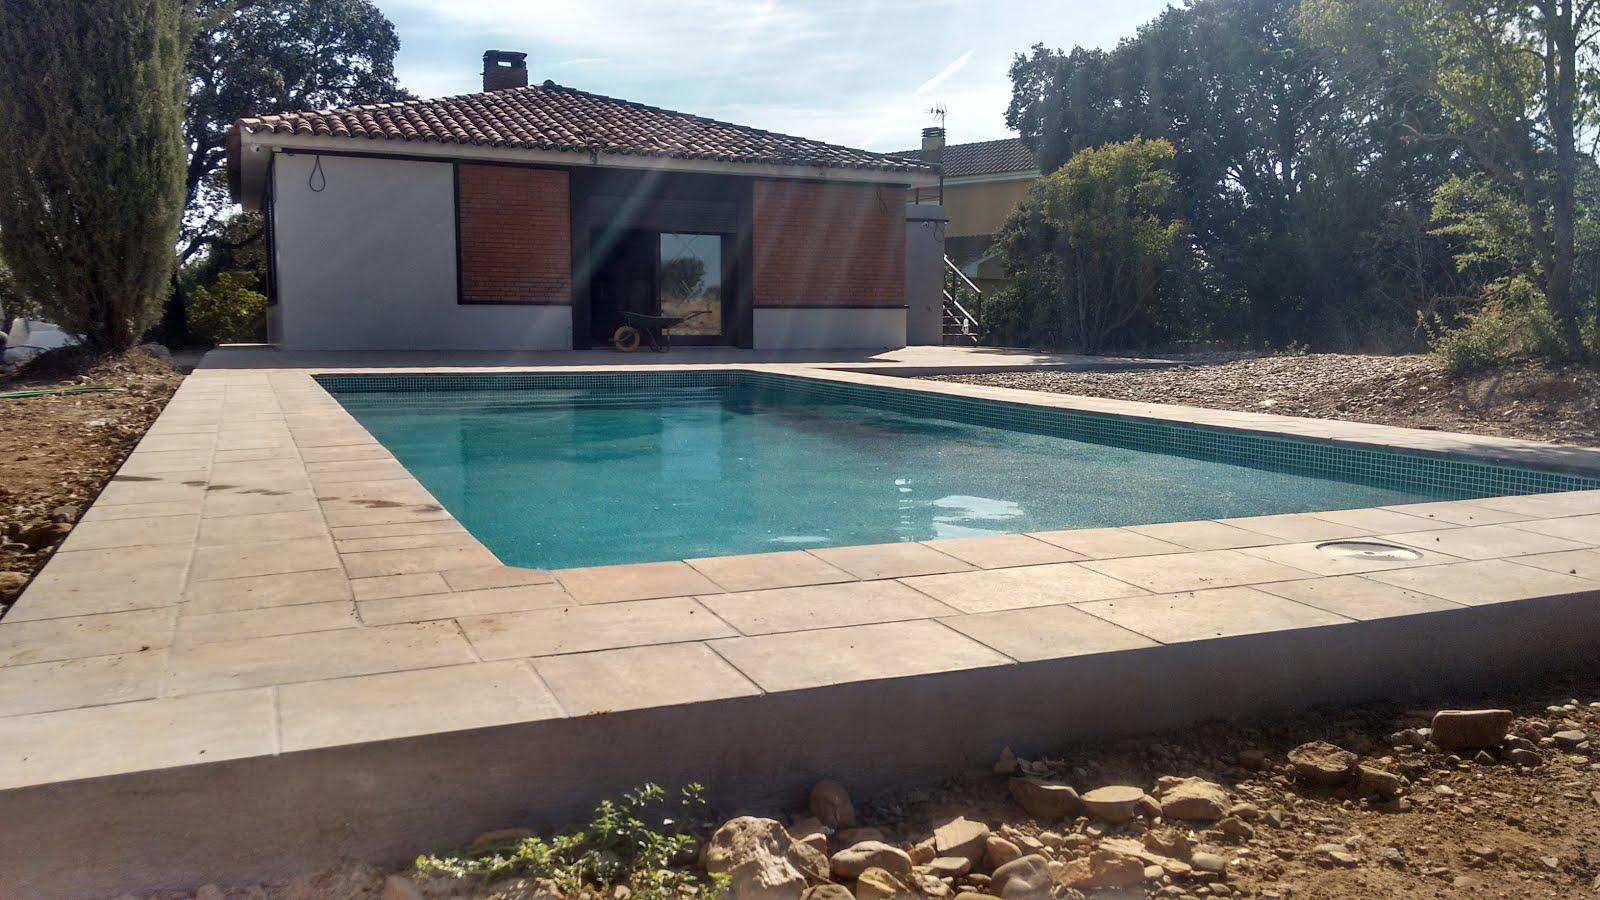 Precio piscinas de obra great amazing fabulous precios for Precios piscinas de obra ofertas